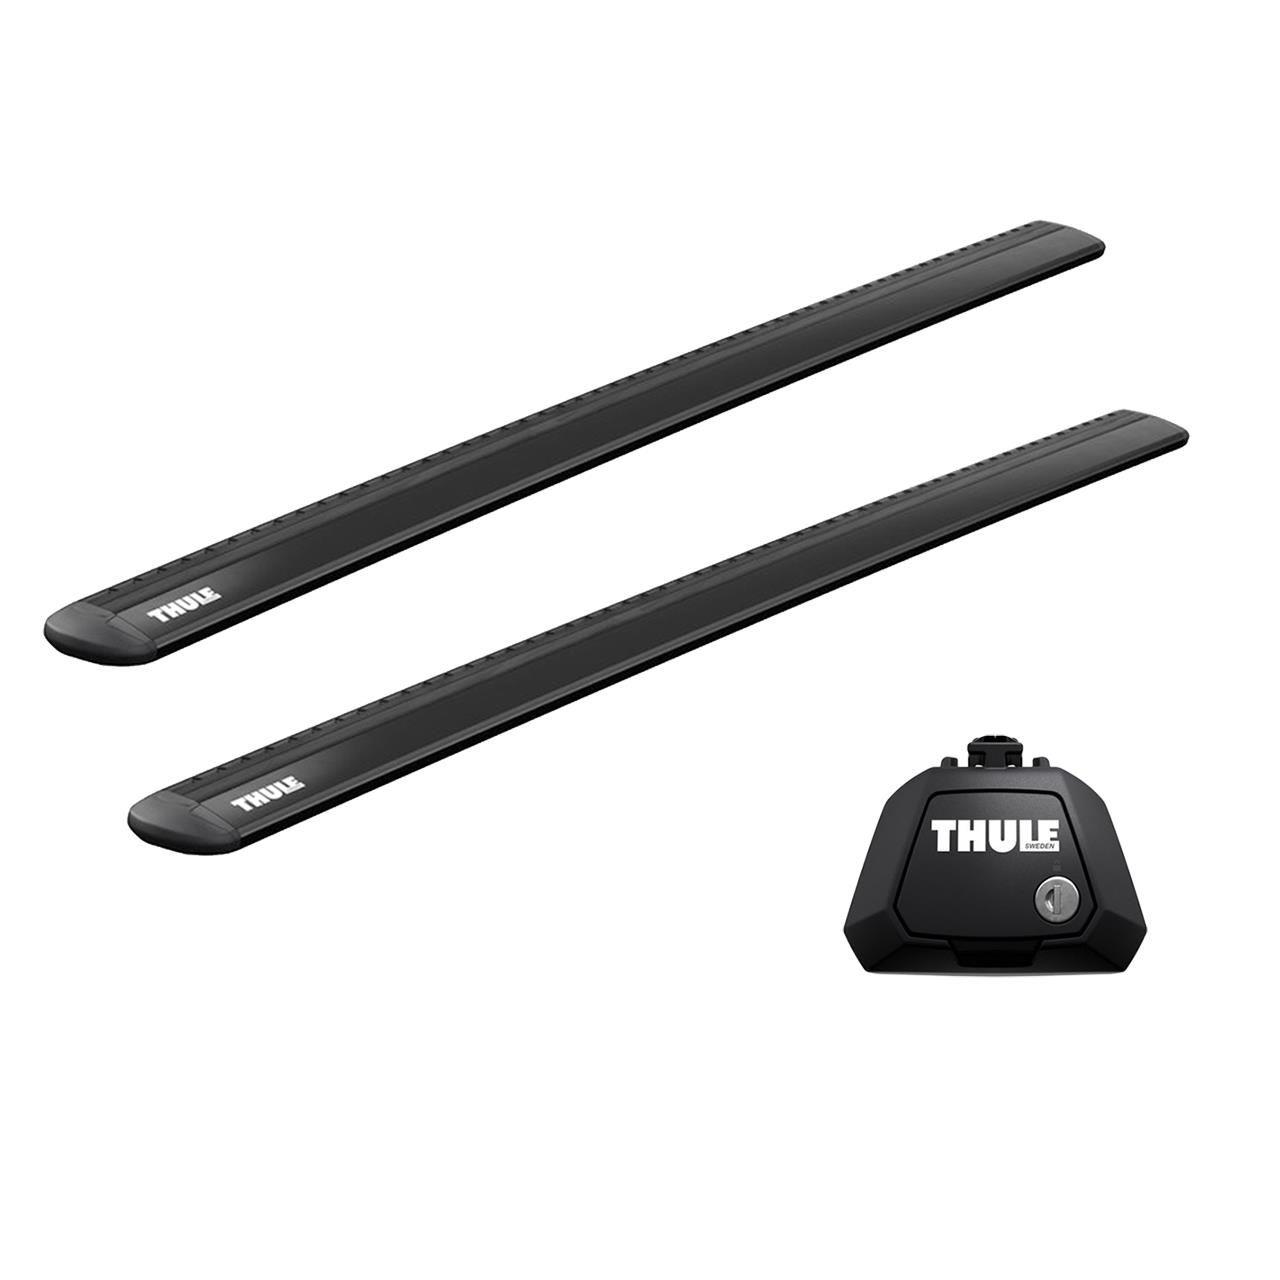 Напречни греди Thule Evo Raised Rail WingBar Evo 127cm в Черно за FORD Grand C-Max 5 врати MPV 2010- с фабрични надлъжни греди с просвет 1